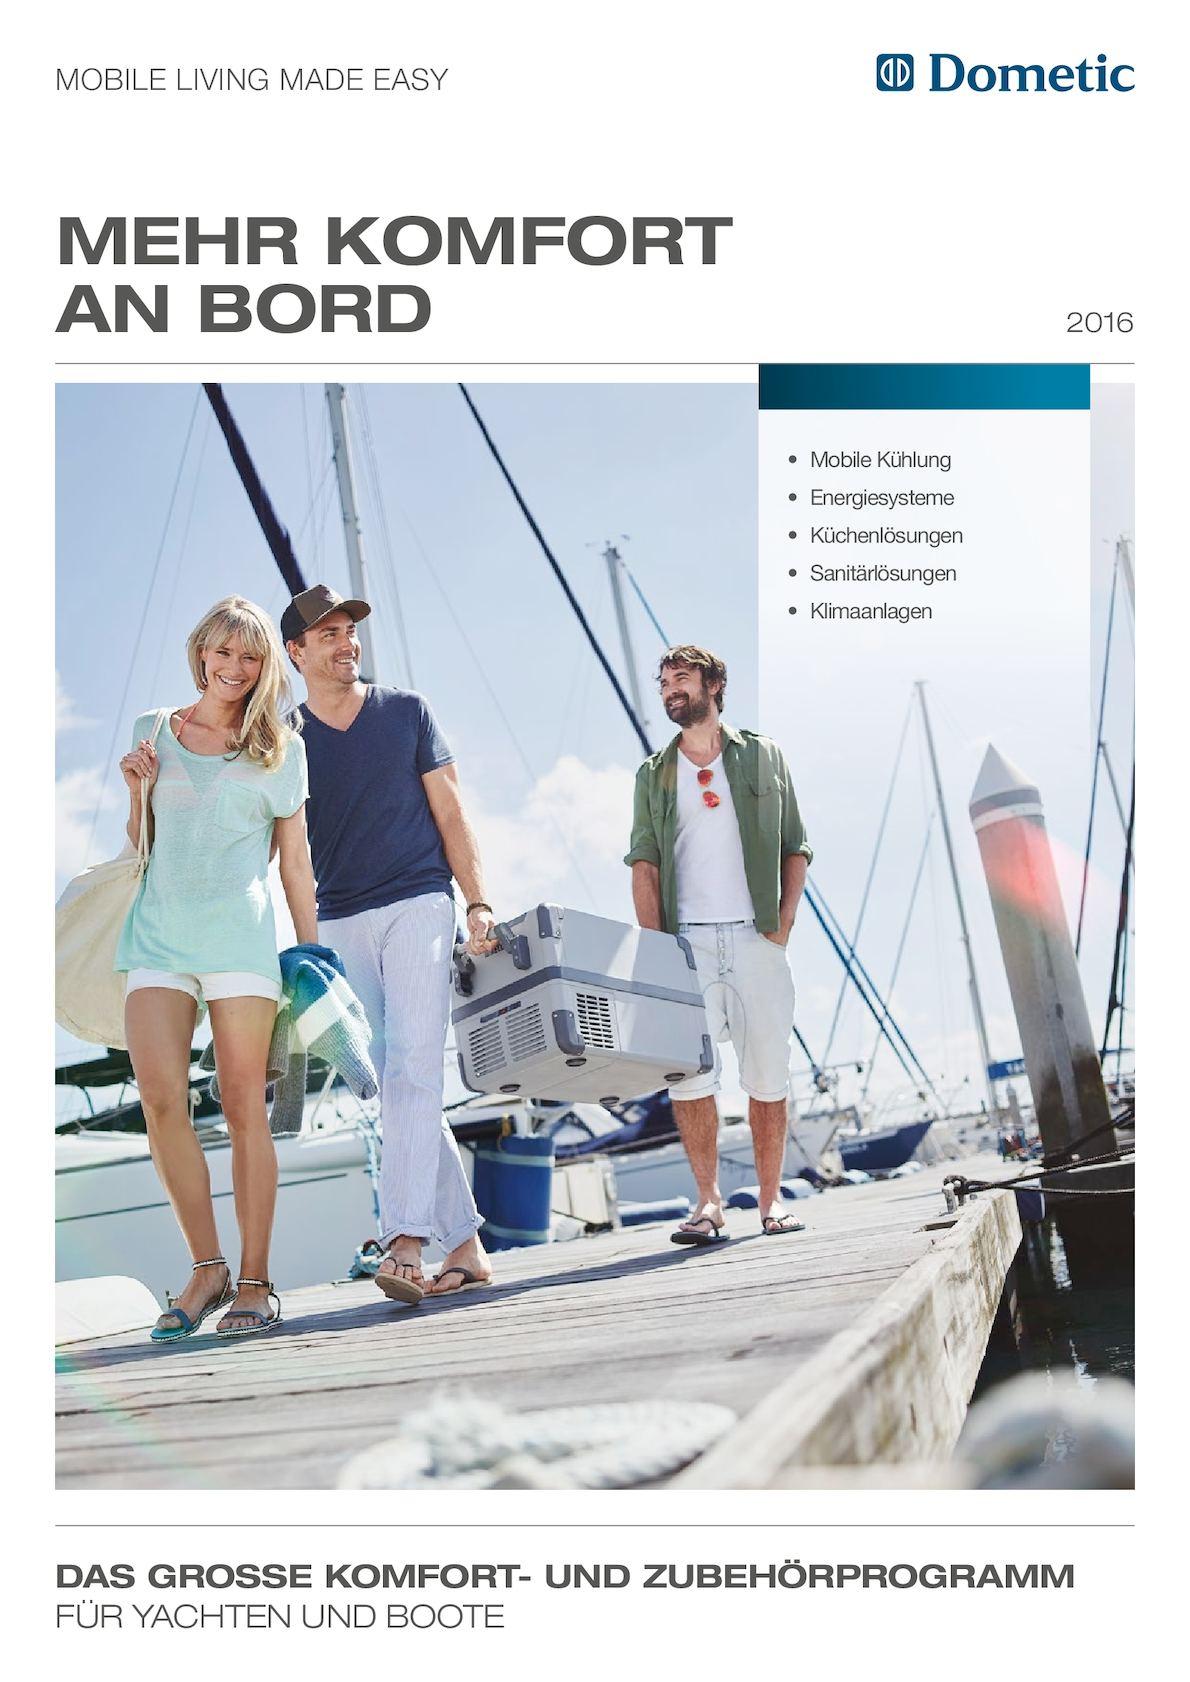 Bootsteile & Zubehör Dometic Karbonfilter Entlüftungsfilter Geruchsfilter Für Fäkalien Caravan Boot